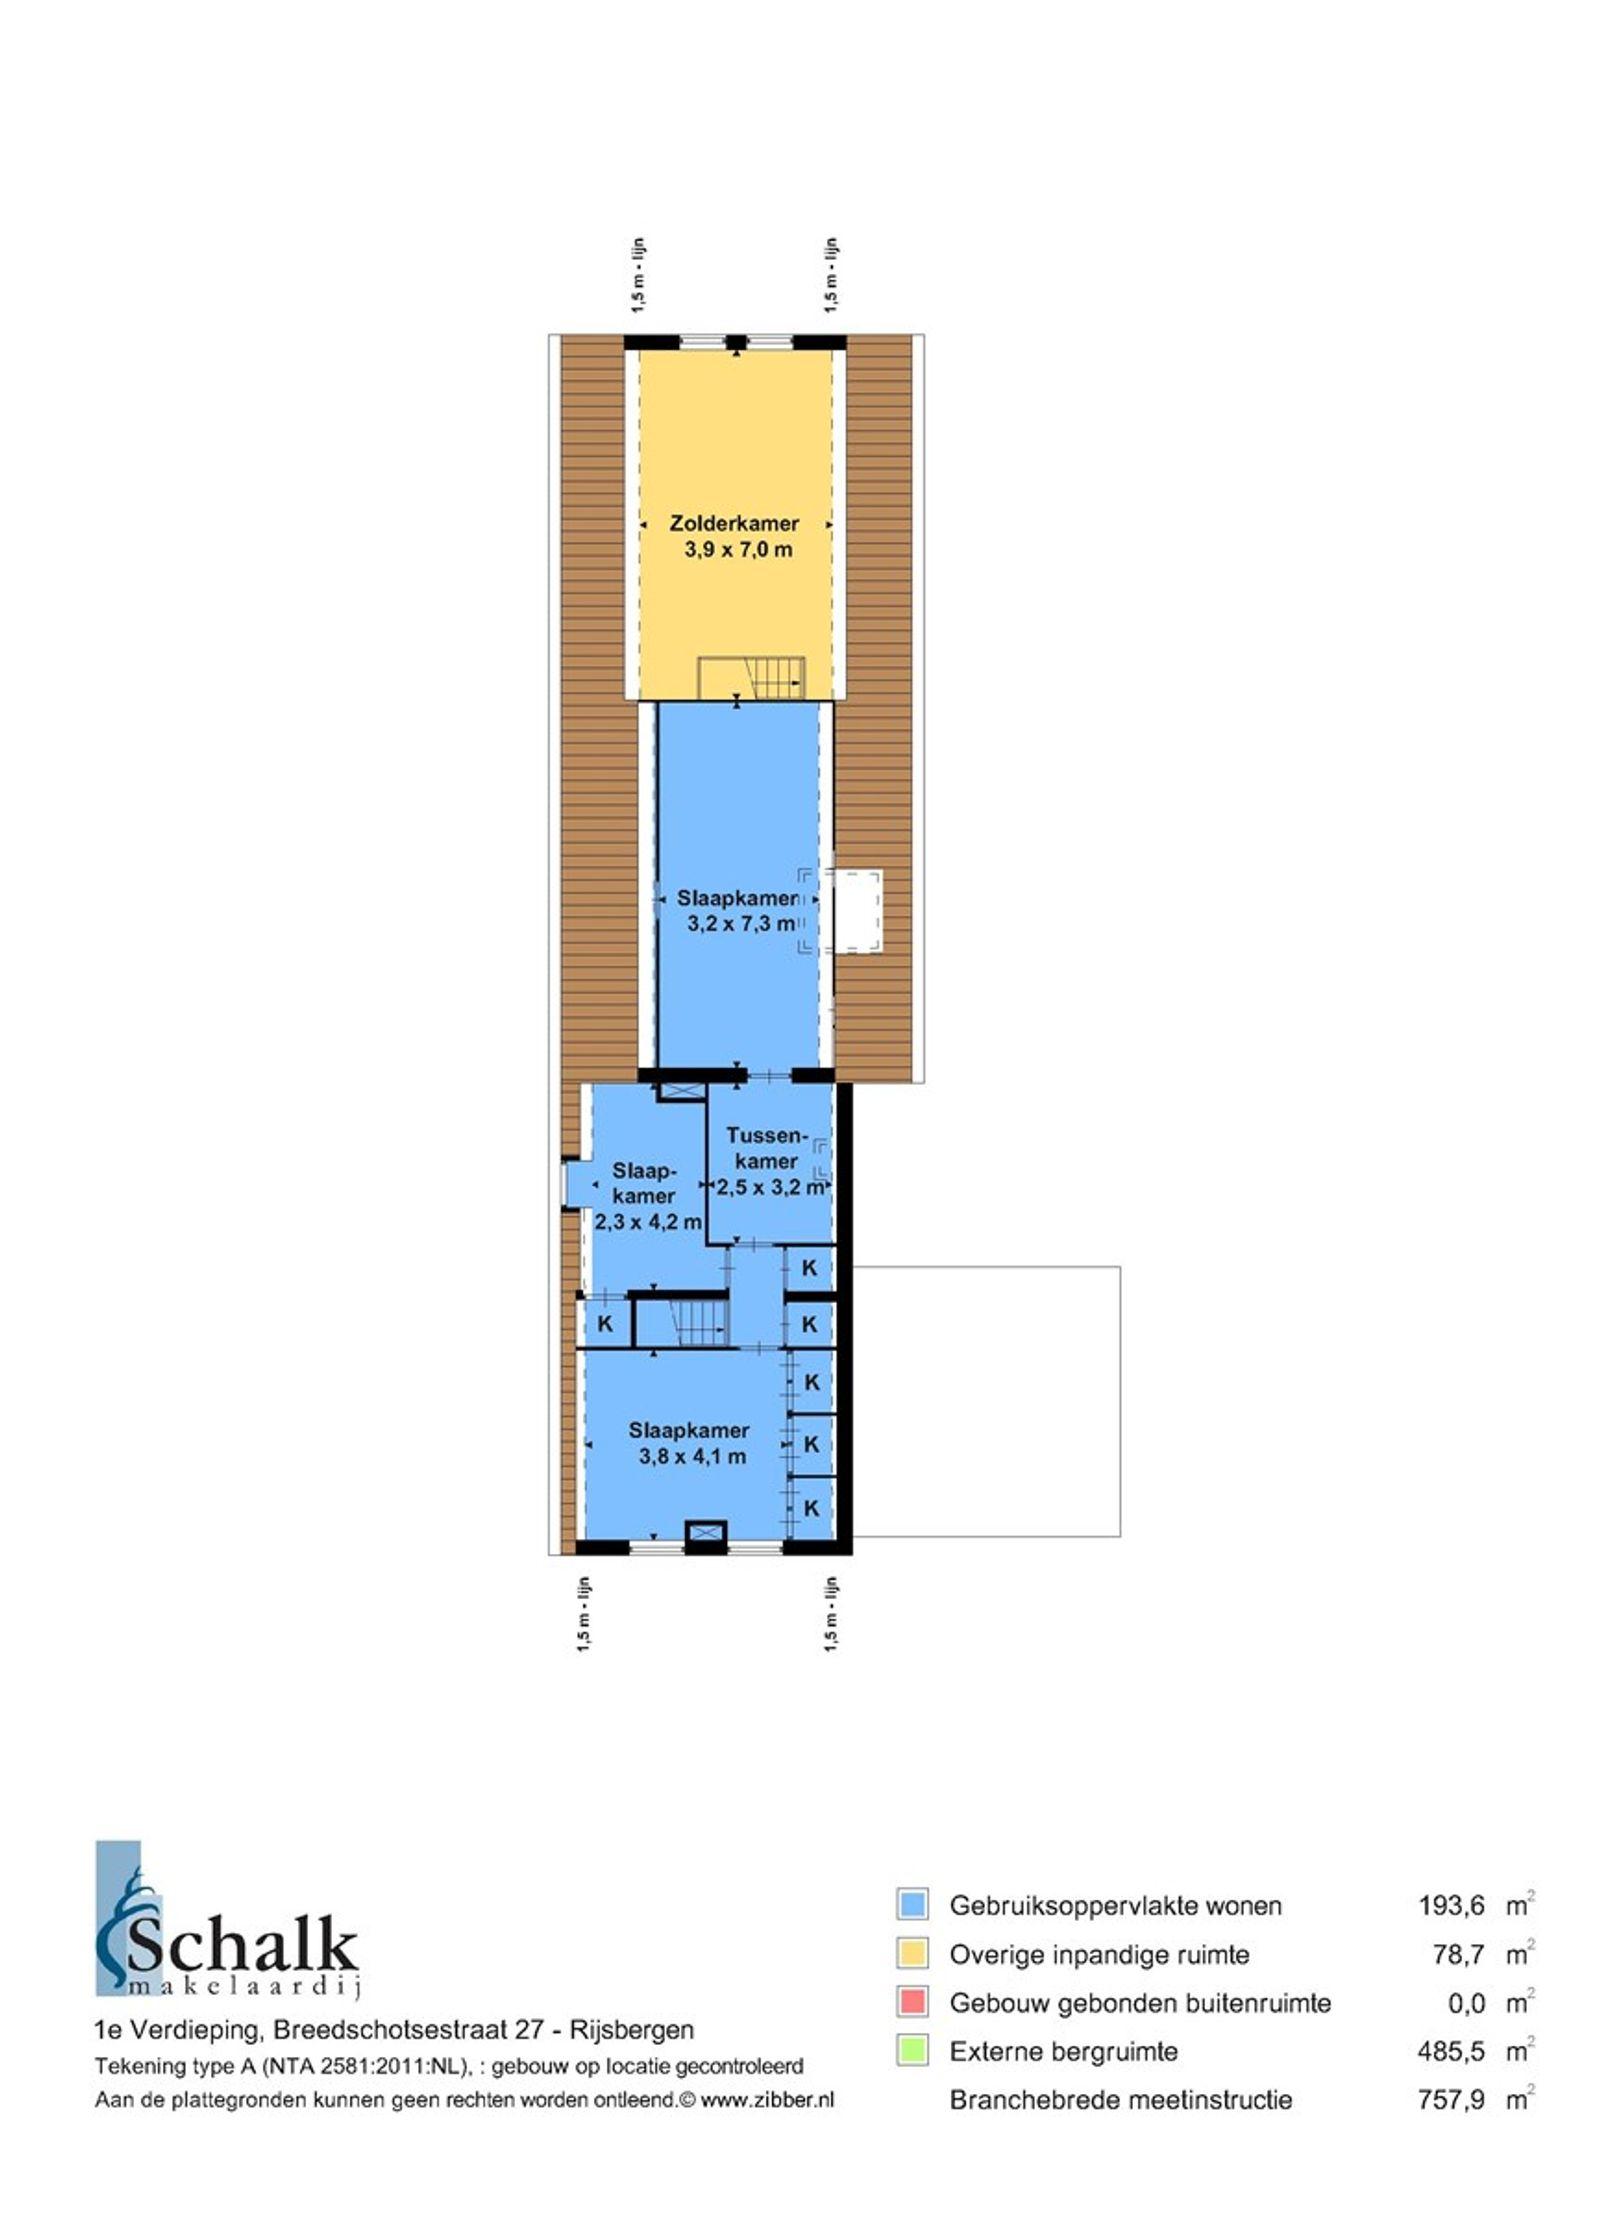 -Daar het object een agrarische bestemming heeft, is het mogelijk om middels een planologische procedure de huidige agrarische bestemming te wijzigen in een woonbestemming. Wel dient hierbij rekening te worden gehouden, dat aan de hiervoor geldende voorwaarden voldaan dient te worden-.    Op een rustige en landelijke locatie, op een perceel van circa 5.000 m², staat deze goed onderhouden woonboerderij met diverse bijgebouwen. Alle dorpsvoorzieningen zoals winkels, scholen, openbaar vervoer (bushalte) - horecagelegenheden zijn binnen enkele autominuten bereikbaar. Eveneens natuurgebied -AA of Weerijs- met haar mooie wandelpaden.   De woning met fraaie luiken aan de voorzijde, heeft een royale living met gashaard en schuifpui naar de achtertuin, een nette keuken, kelder, praktische bijkeuken, kantoor-/slaapkamer, badkamer, aparte toiletruimte en een achter entree. De eerste verdieping heeft 3 slaapkamers en een ruime kamer  die de mogelijkheid biedt tot het creeren van meerdere (slaap)kamers.   De diepe achtertuin beschikt over een overkapping, diverse terrassen en gazon waardoor u in alle rust en ruimte kunt genieten van het buitenleven!   Het behoort tot de mogelijkheden om extra grond (2.45.65 ha) aan te kopen.   BEGANE GROND Voorentree/hal met toegang tot de keuken en vaste trap naar de eerste verdieping.  Afwerking- vloerbedekking en houten wanden.   Nette keuken opgesteld in twee rechte delen, uitgerust met een granieten aanrechtblad, 1 spoelbak,  5 pits gaskookplaat, koelkast, combi– oven, vaatwasser en RVS afzuigkap. De ruimte geeft toegang tot de woonkamer, bijkeuken, achtertuin en kelder. Tevens is er een krachtstroom voorziening aanwezig voor (eventueel) elektrisch koken.   Afwerking- tegelvloer, stucwerk wanden en een stucwerk plafond met sierlijst en spotverlichting.  Meterkast-  12 groepen, aardlekschakelaar en krachtstroomgroep.  Een lichte en royale living met gashaard, schuifpui naar de achtertuin en elektrisch bedienbare rolluiken.  Afwerking- eiken 